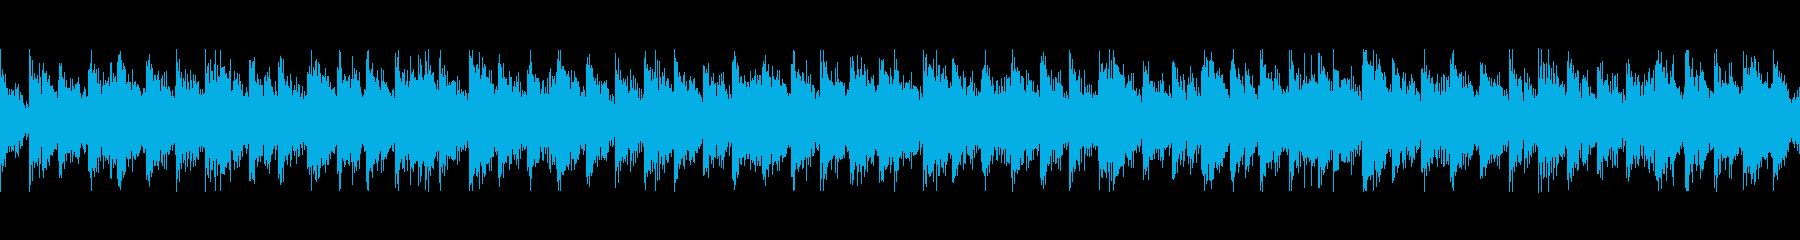 パーカッション民族楽器風・変拍子・ループの再生済みの波形